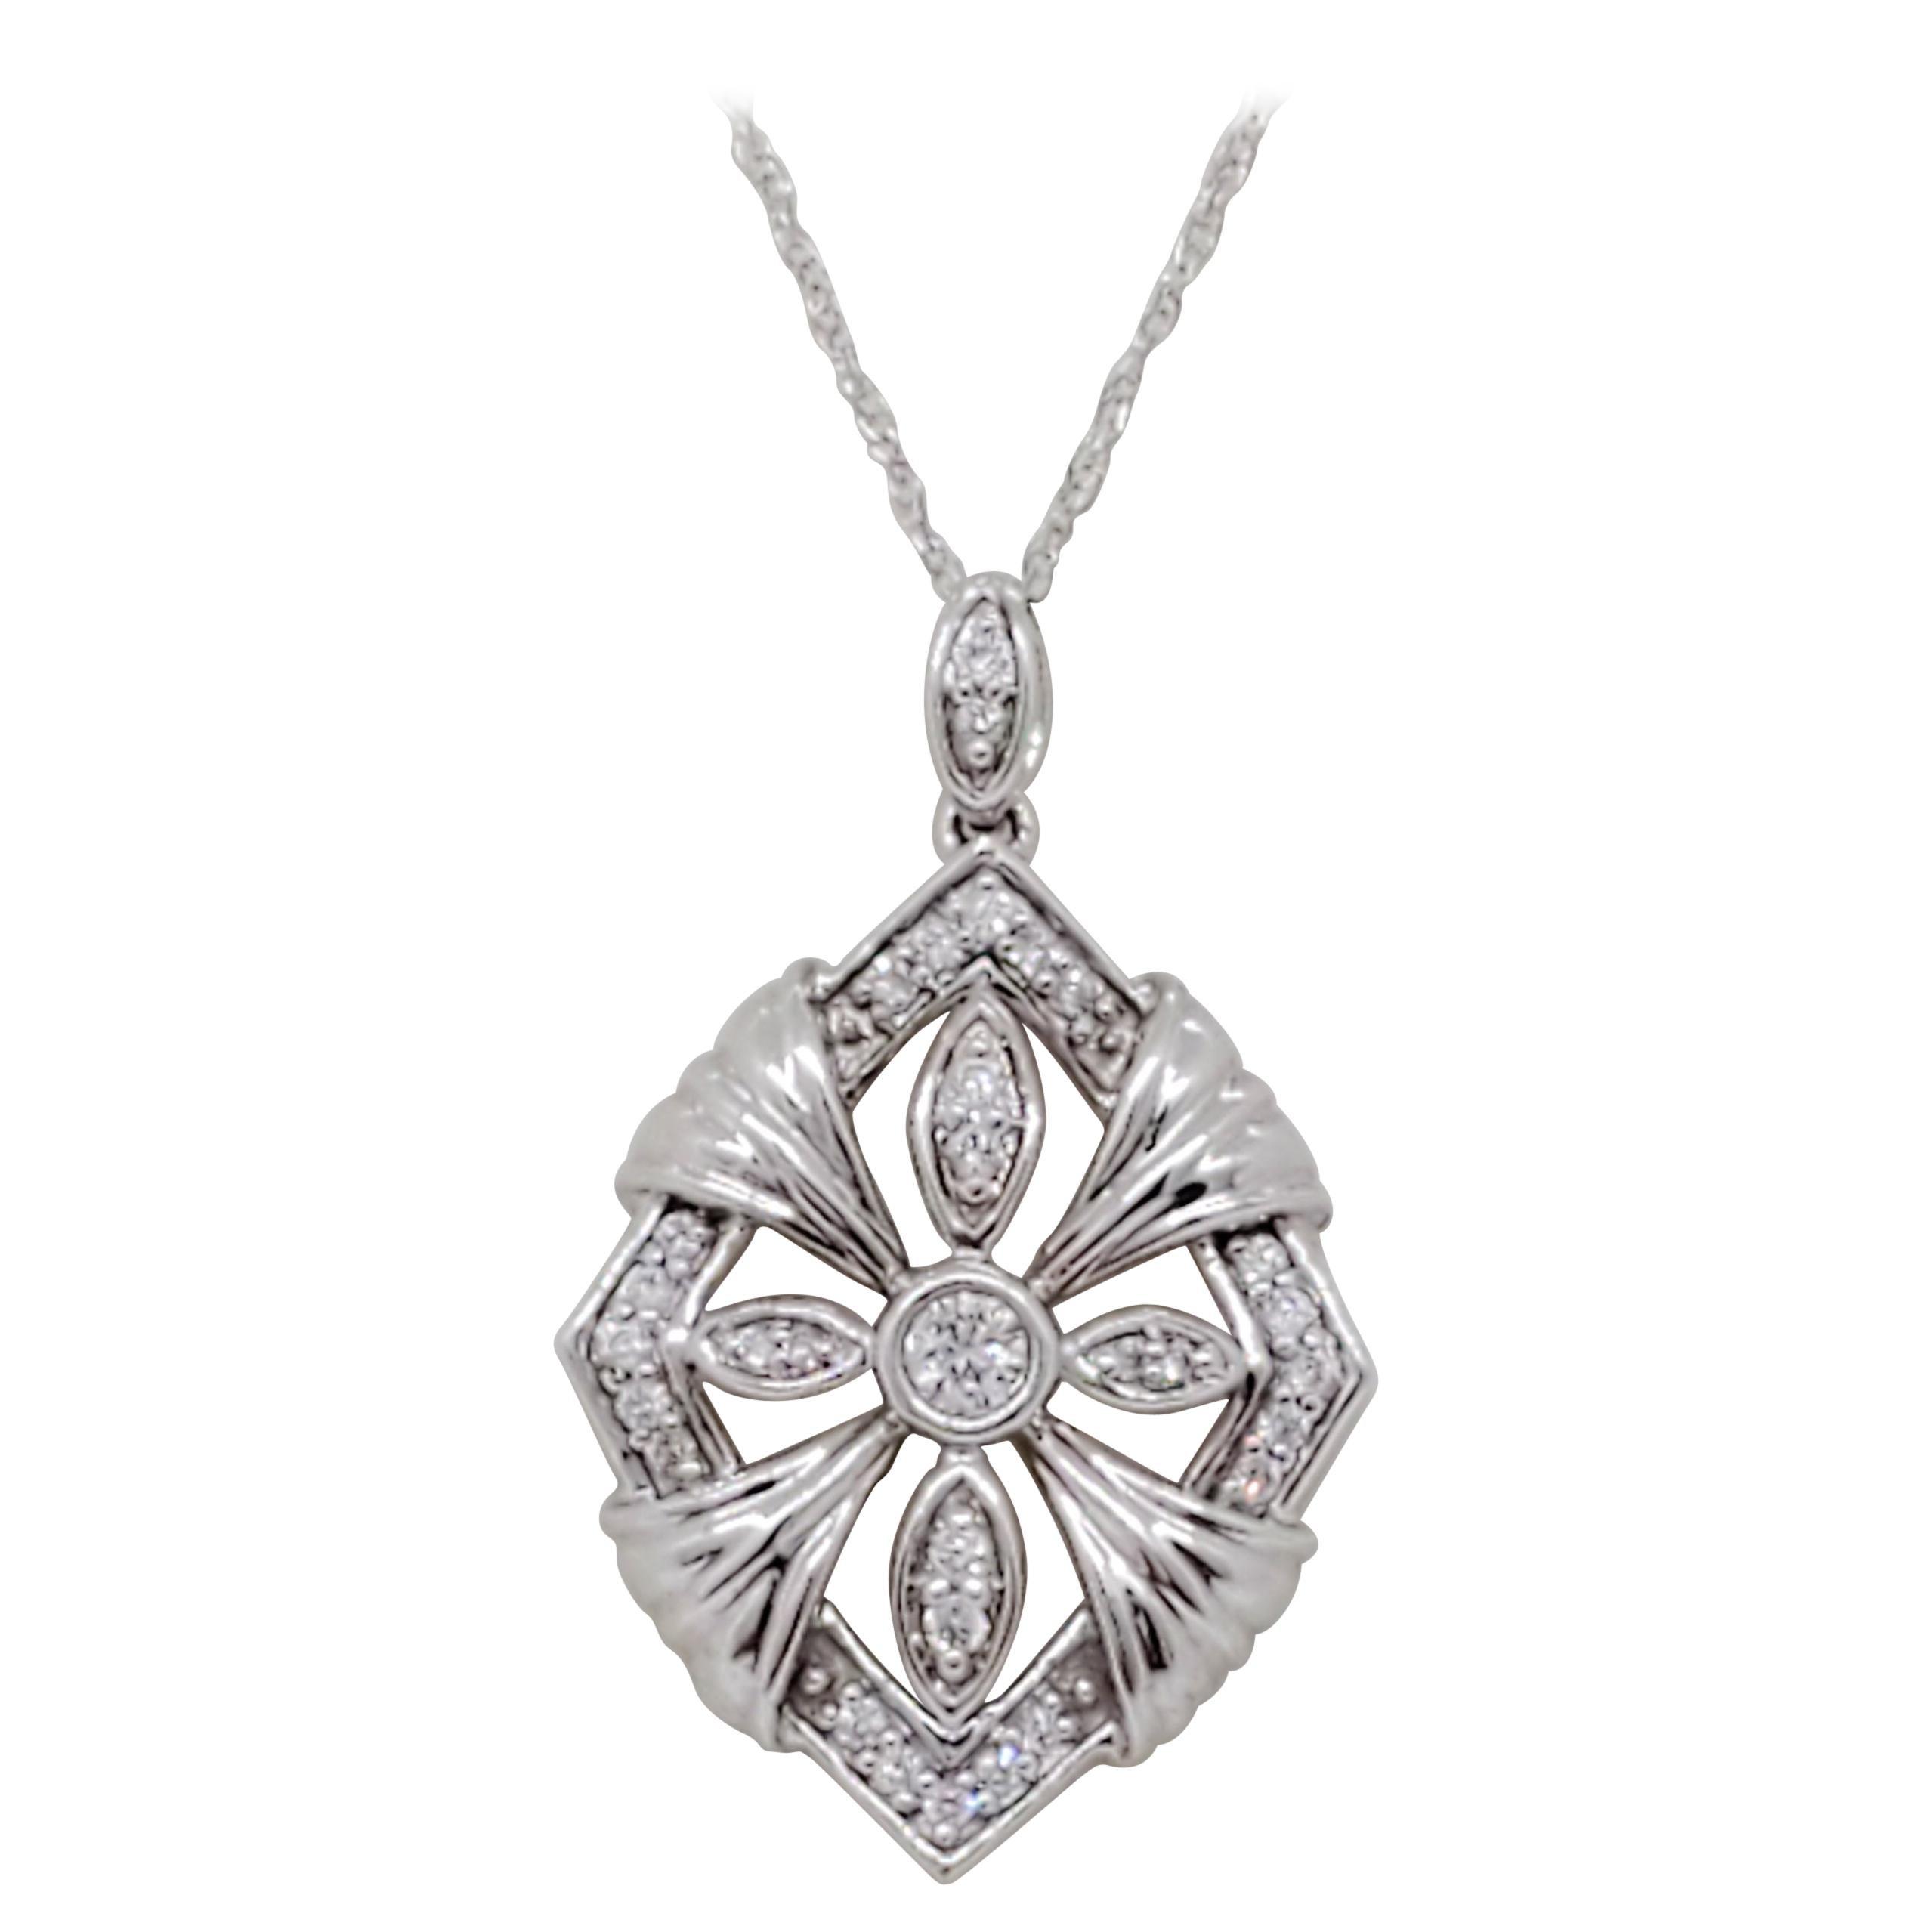 Estate White Diamond Pendant Necklace in 18k White Gold